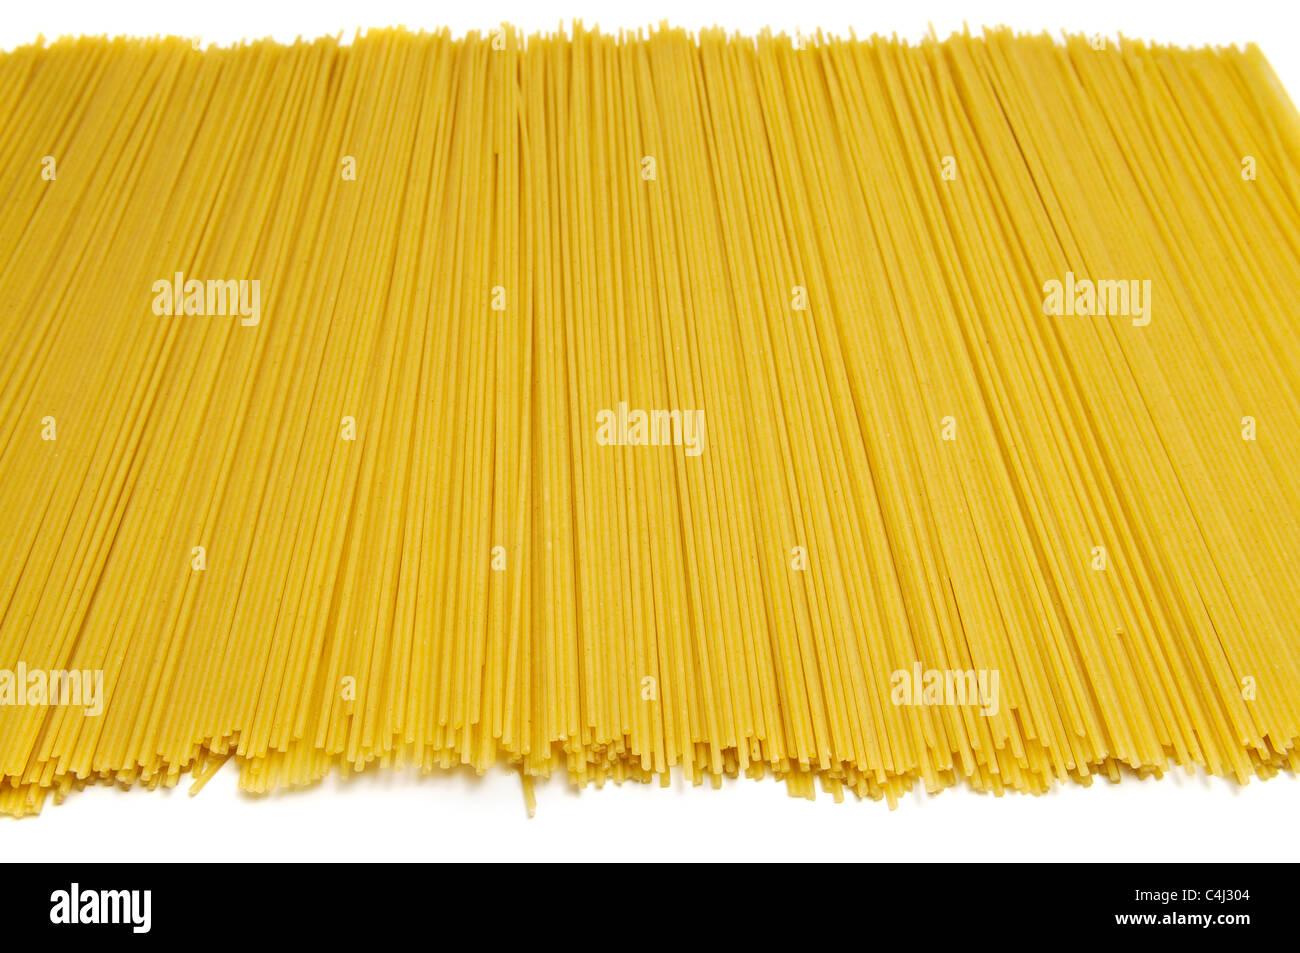 La pasta italiana su sfondo bianco Immagini Stock